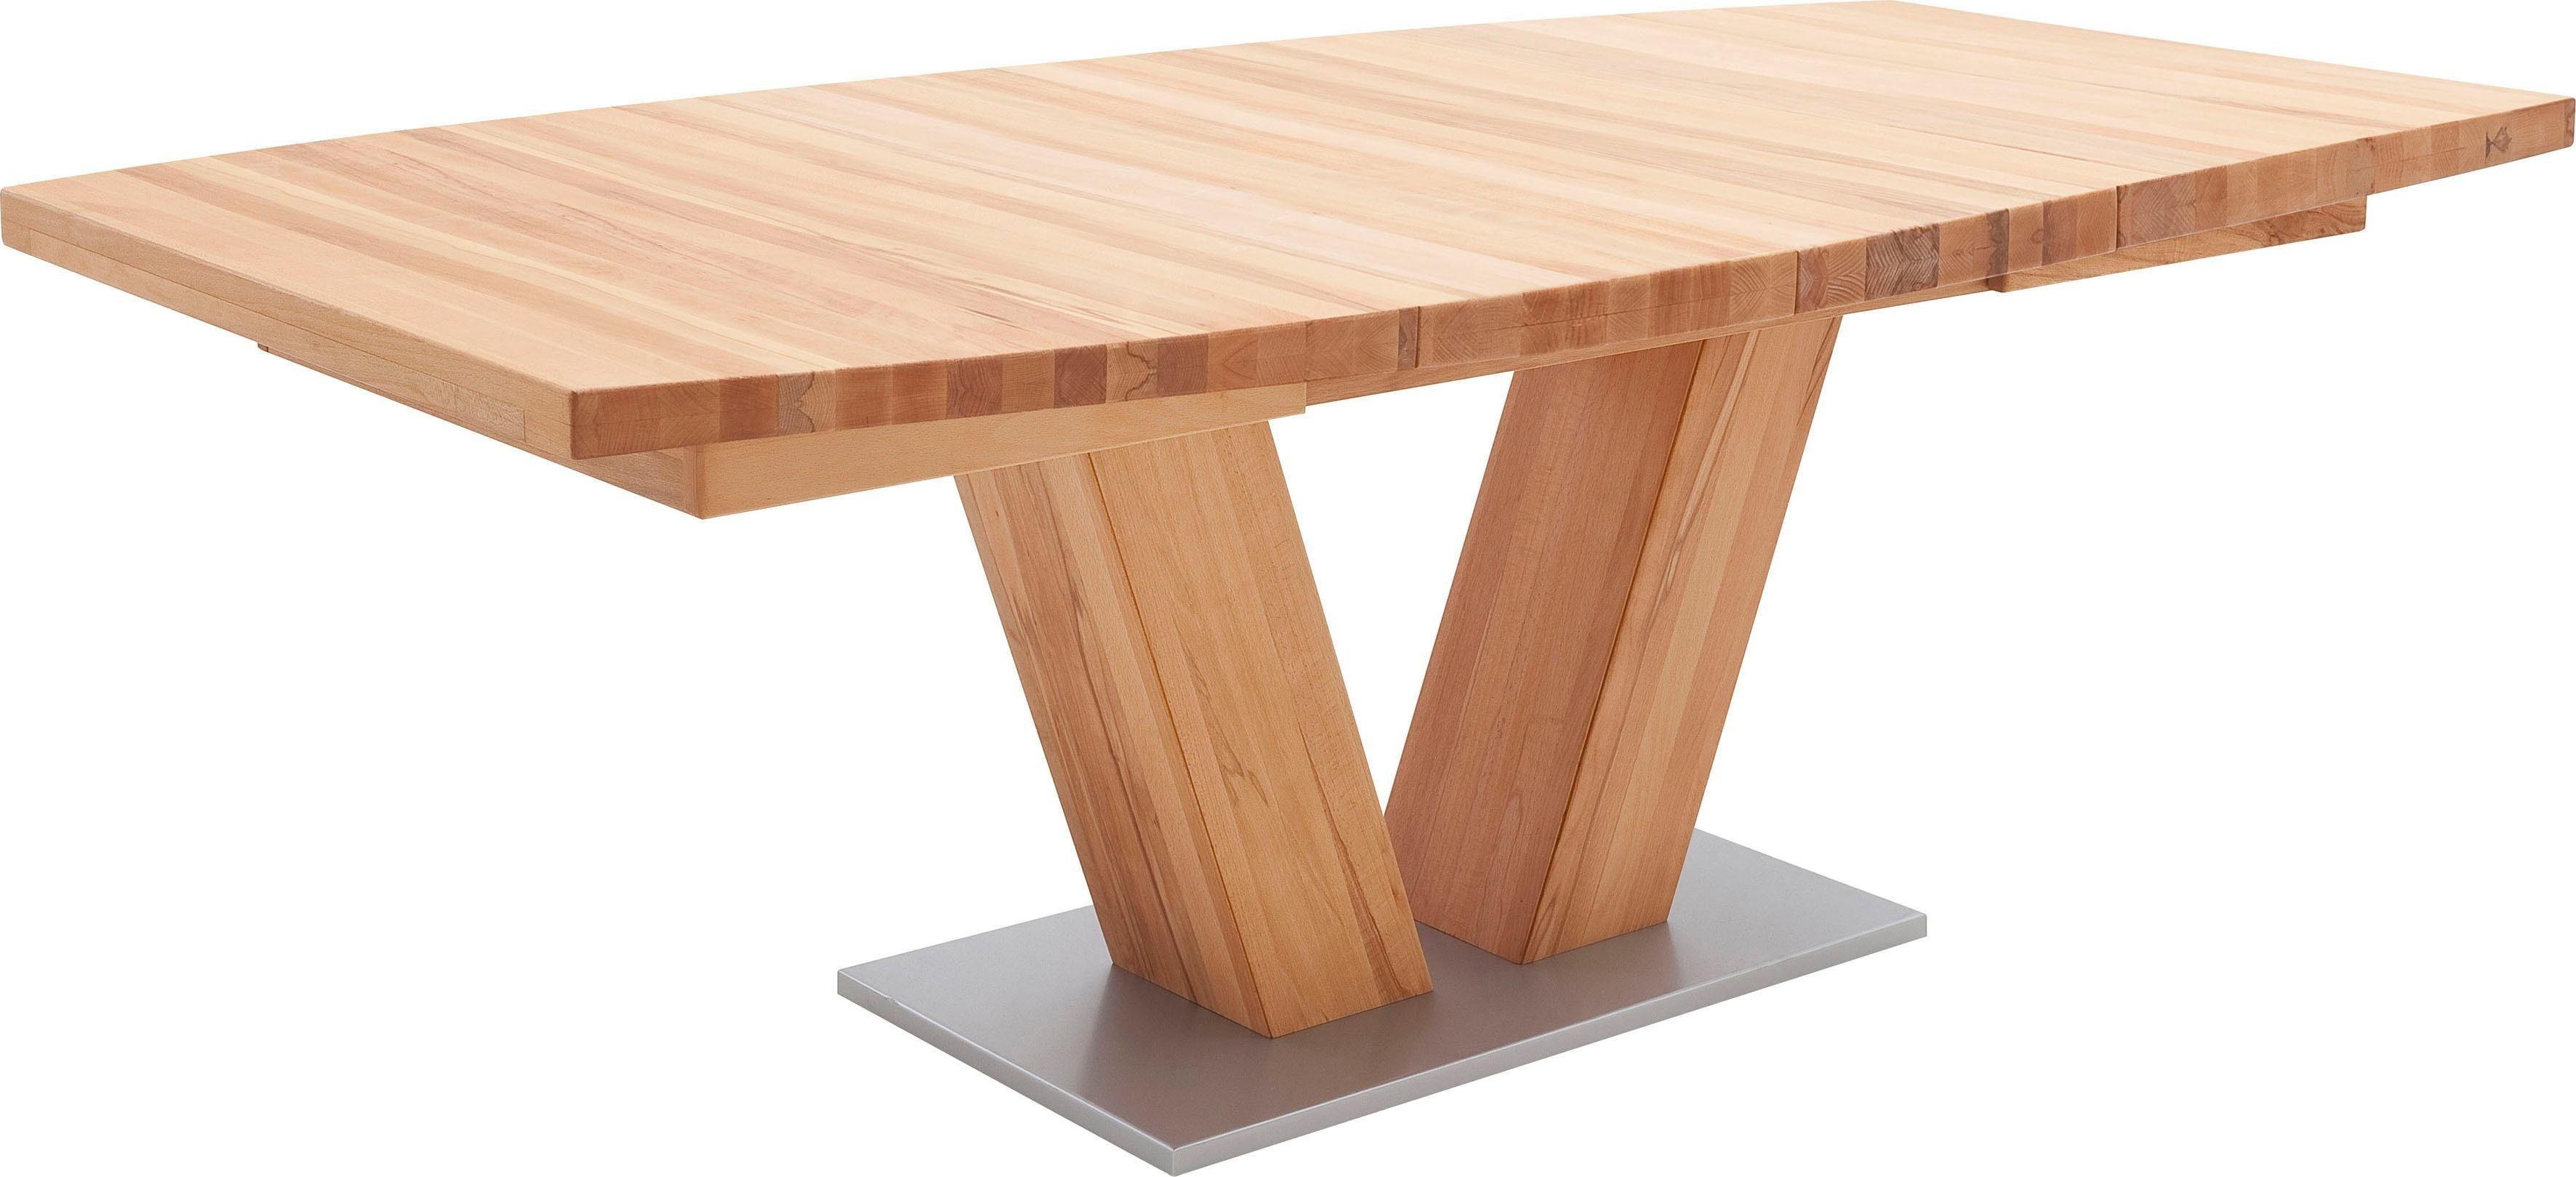 MCA furniture Säulen Esstisch »Managua«, Tischplatte fest montiert online kaufen | OTTO